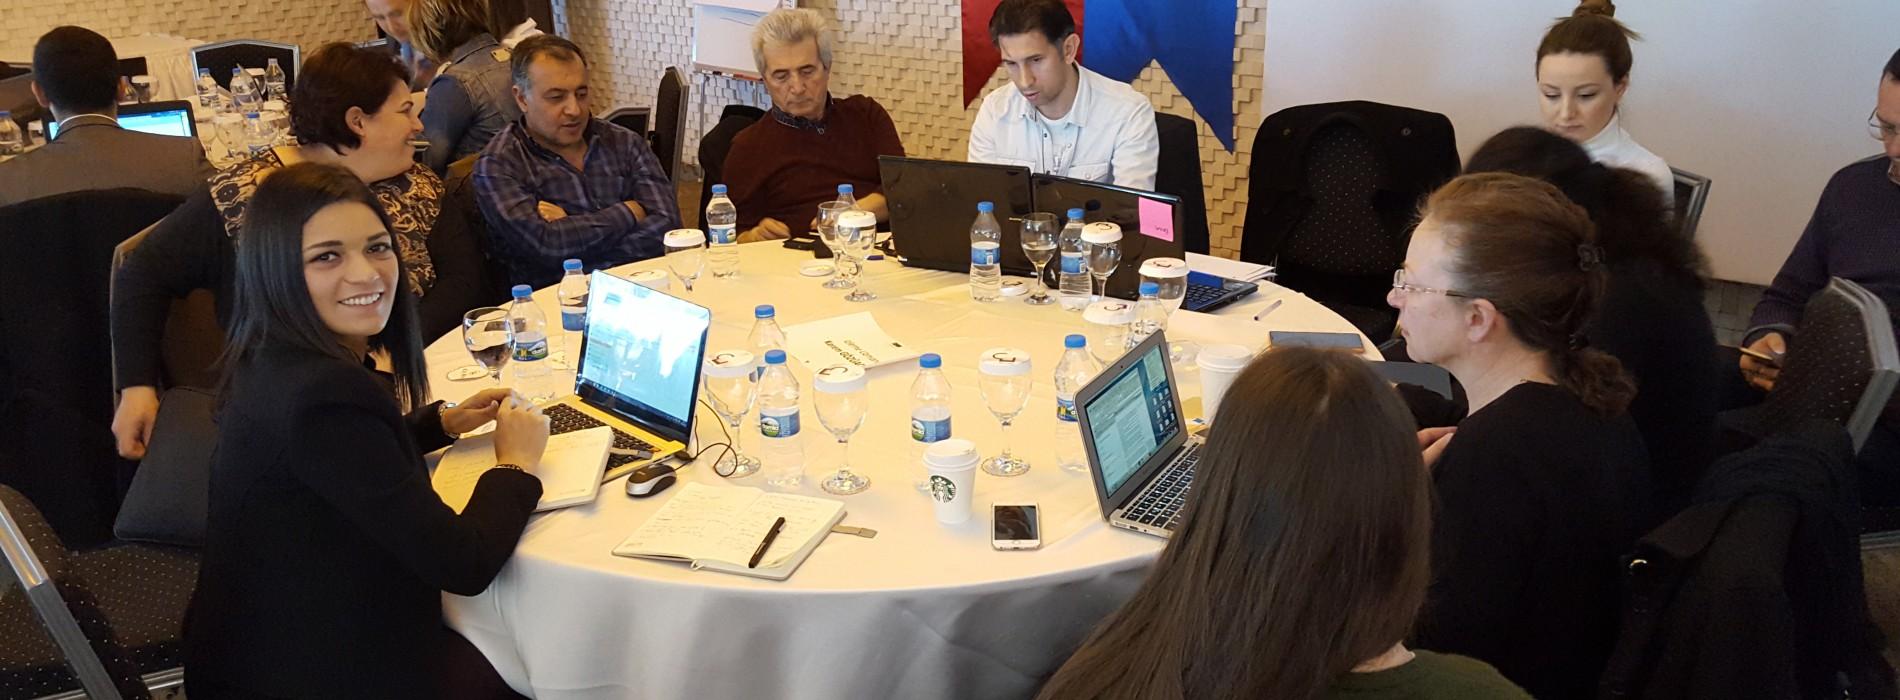 Mobil Teknoloji Mobil İstihdam Projesi Uygulama Eğitimi